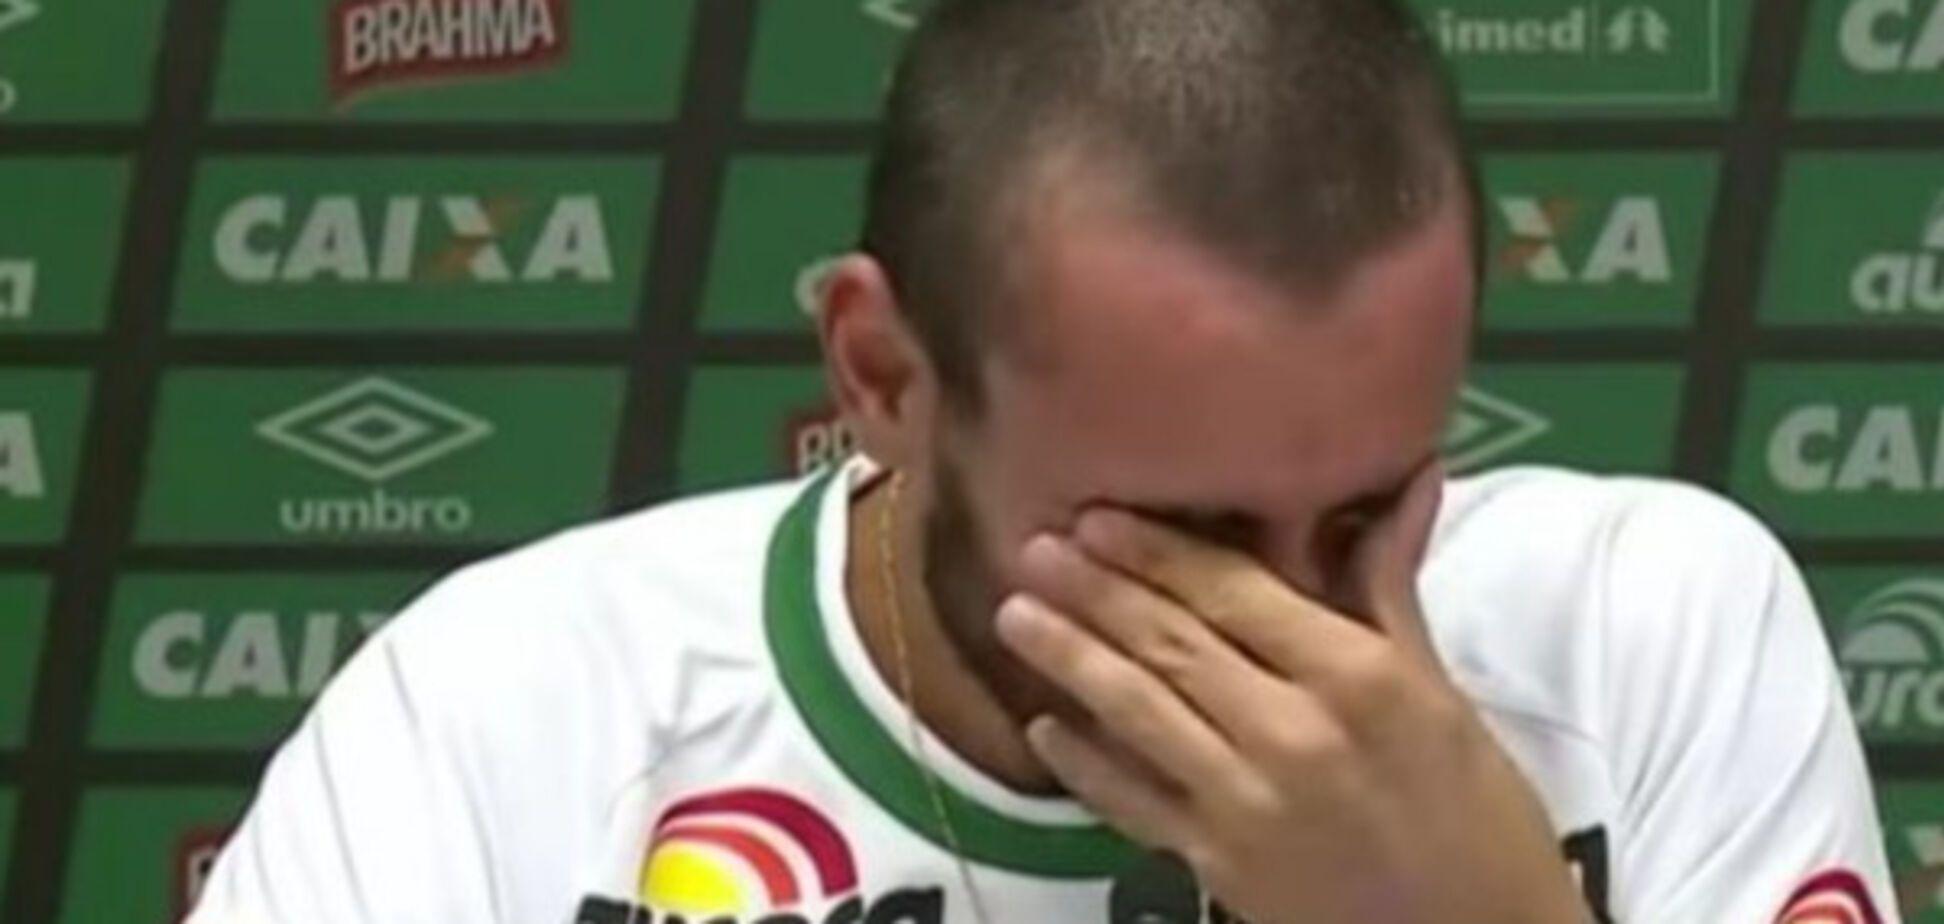 Участник авиакатастрофы с бразильскими футболистами рассказал, как он выжил